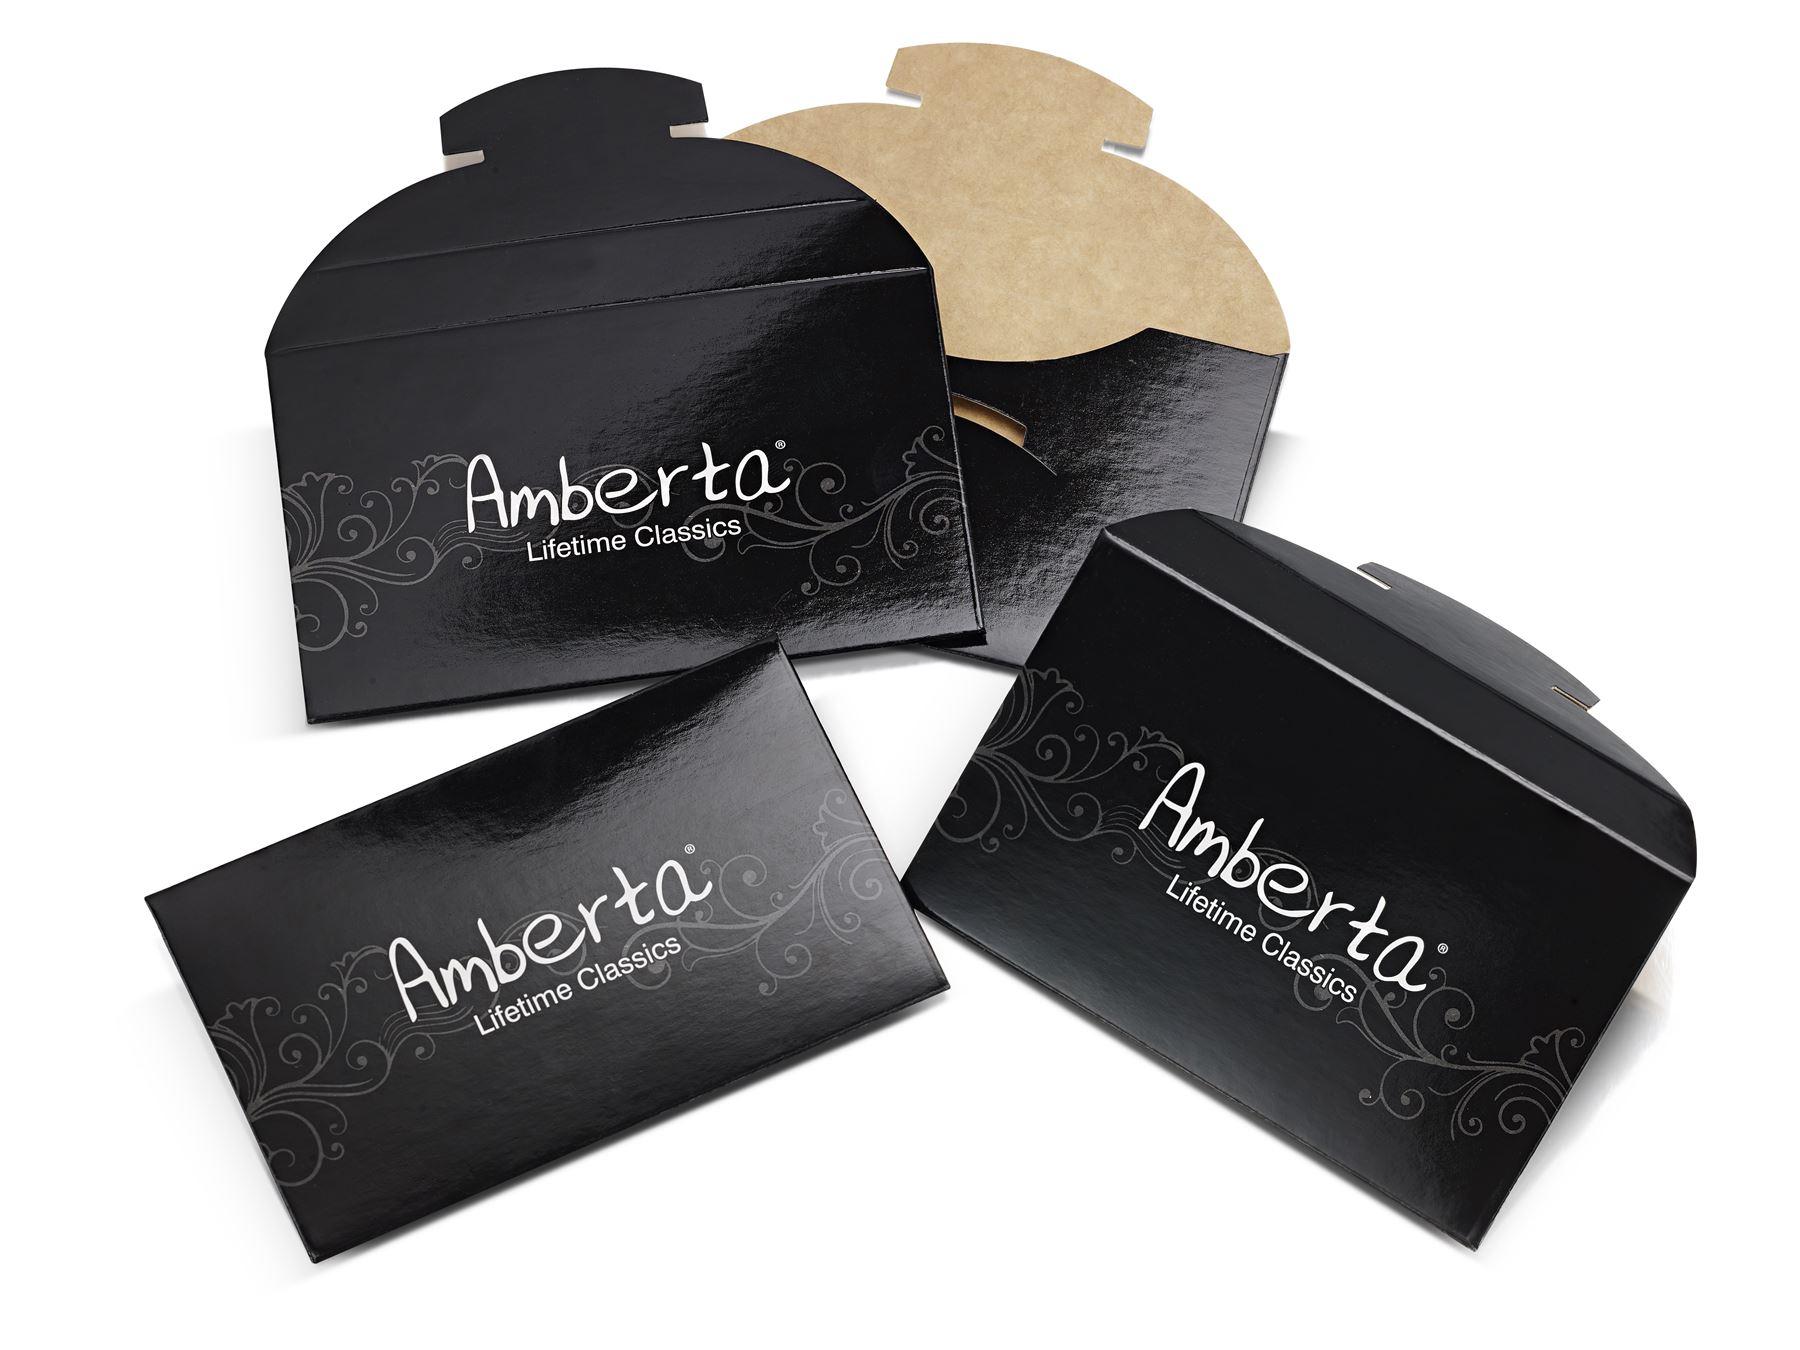 Amberta-Bijoux-Bracelet-en-Vrai-Argent-Sterling-925-Chaine-pour-Femme-a-la-Mode thumbnail 77